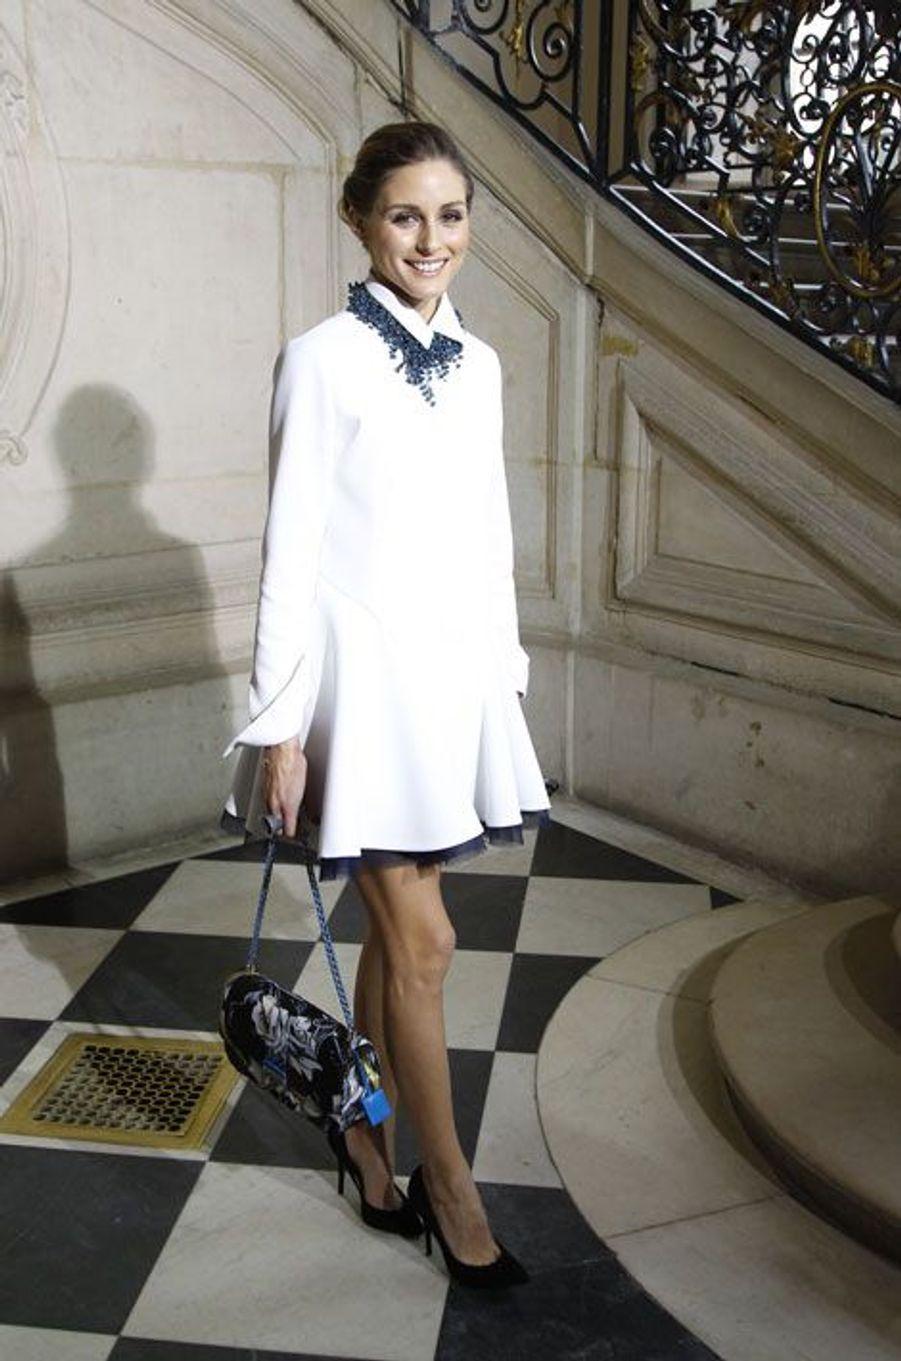 La robe-chemise : la styliste Olivia Palermo lors du défilé Dior prêt-à-porter automne-hiver 2014-2015 le 28 février 2014